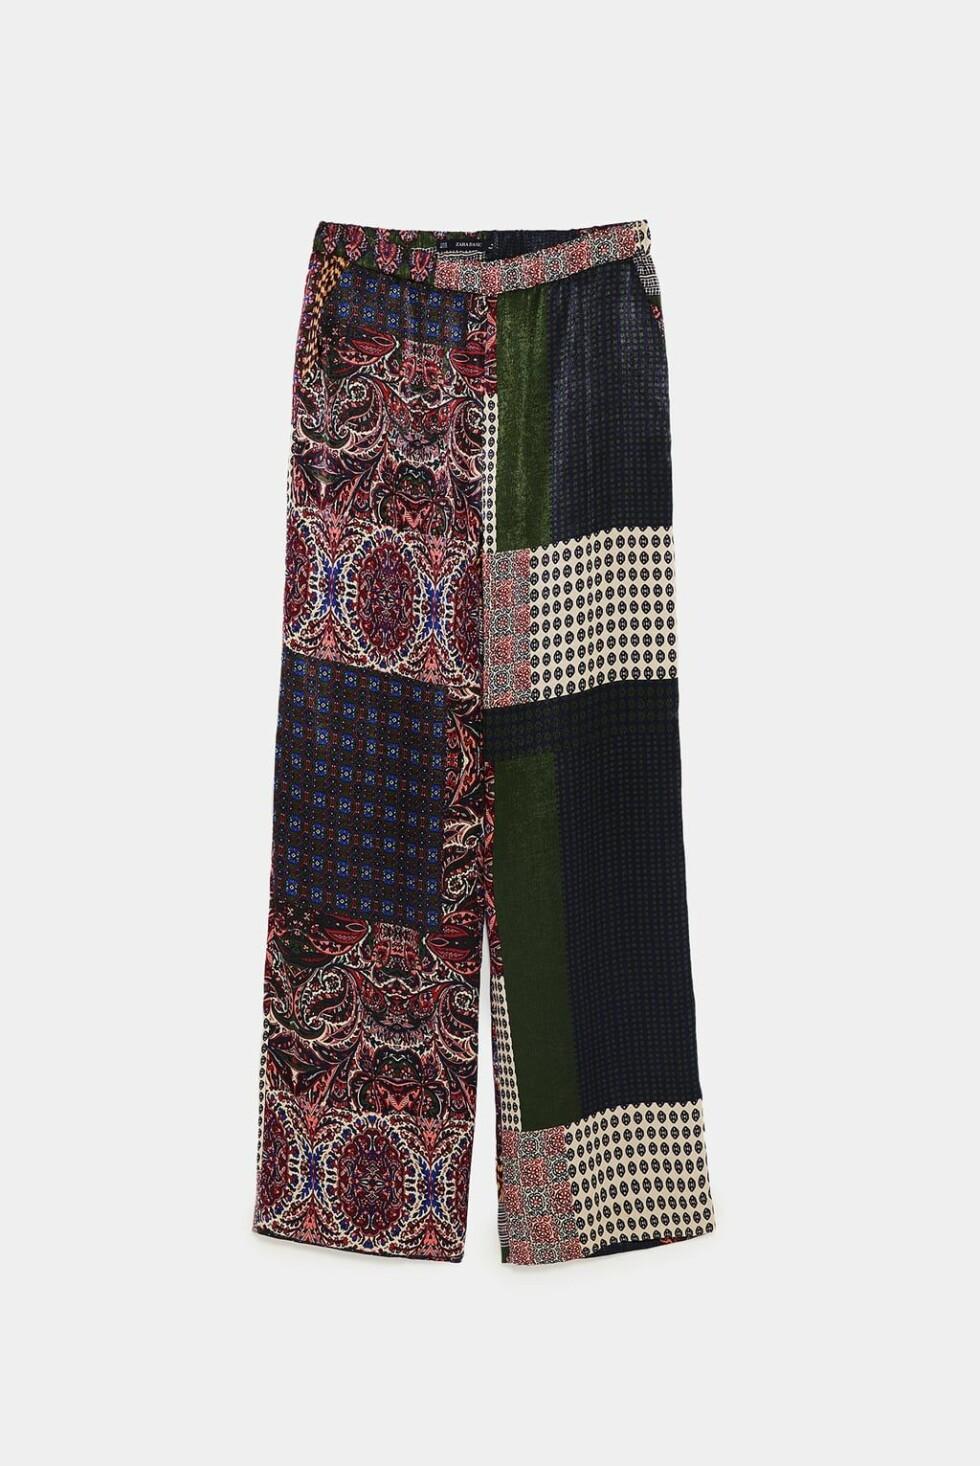 <strong>Bukse fra Zara  400,-  https:</strong>//www.zara.com/no/no/bukse-med-lappem%C3%B8nster-p08110142.html?v1=7215094&v2=1074755